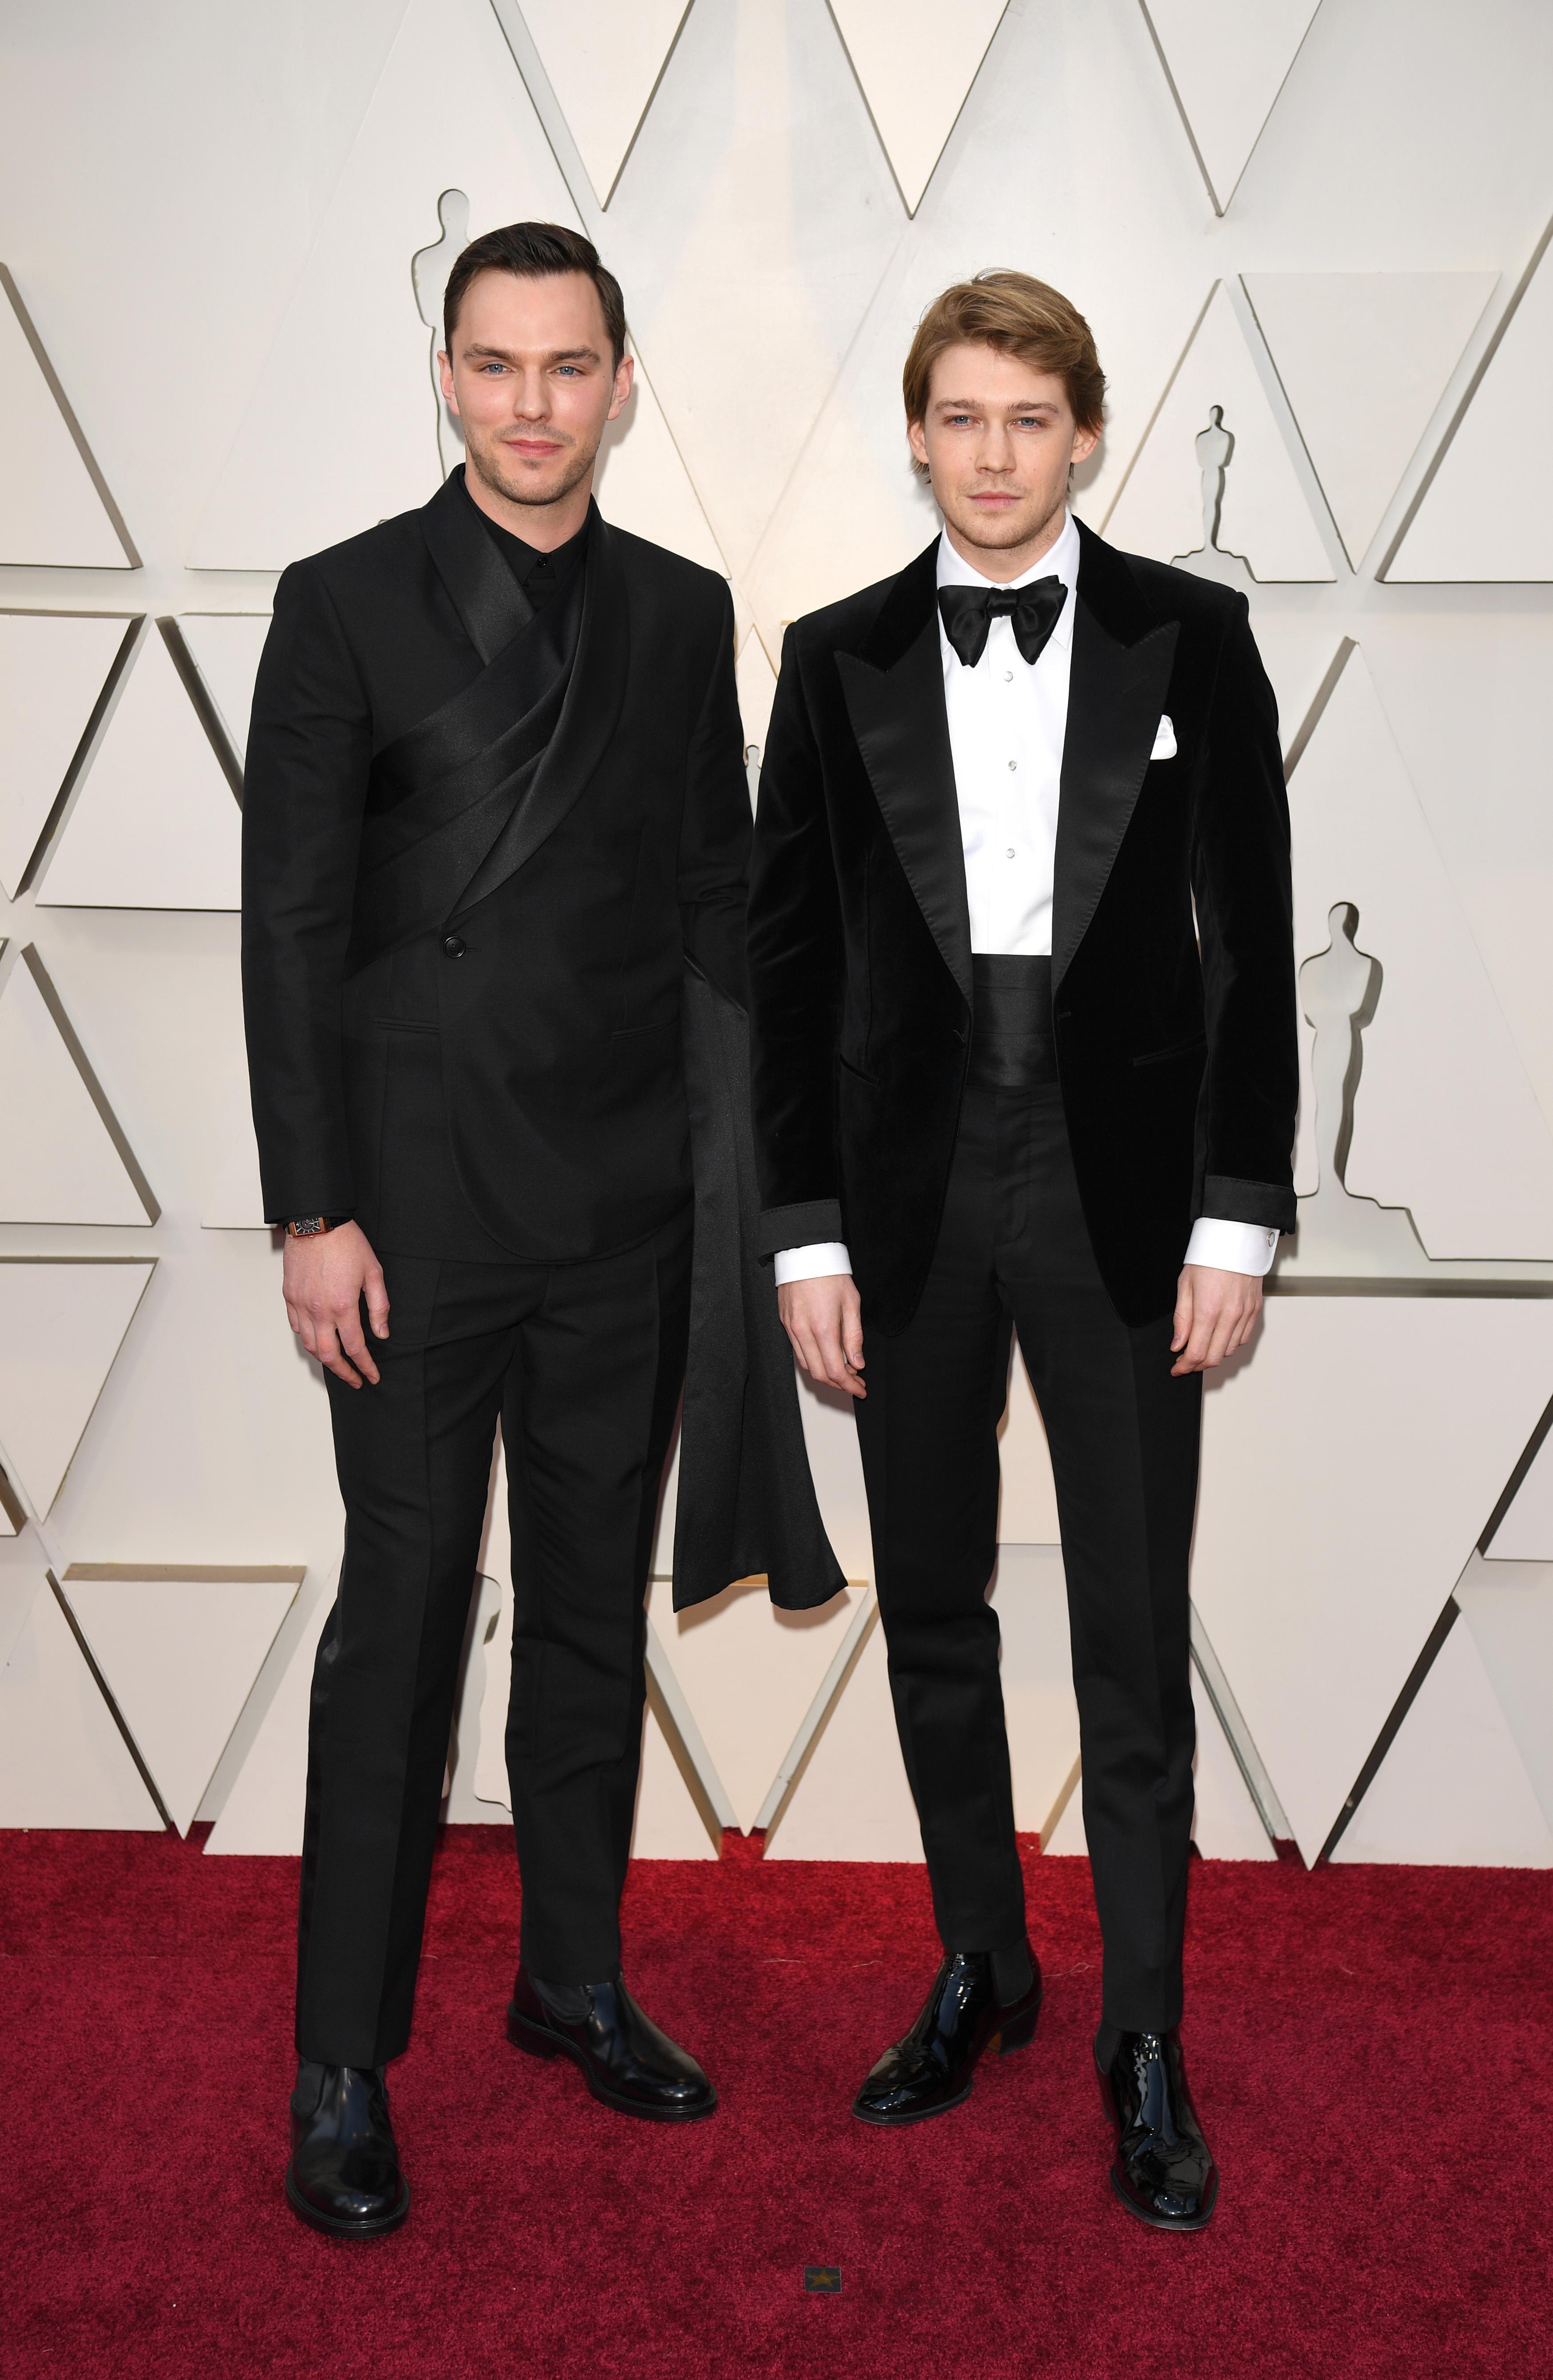 Nicholas Hoult and Joe Alwyn, 2019 Oscars